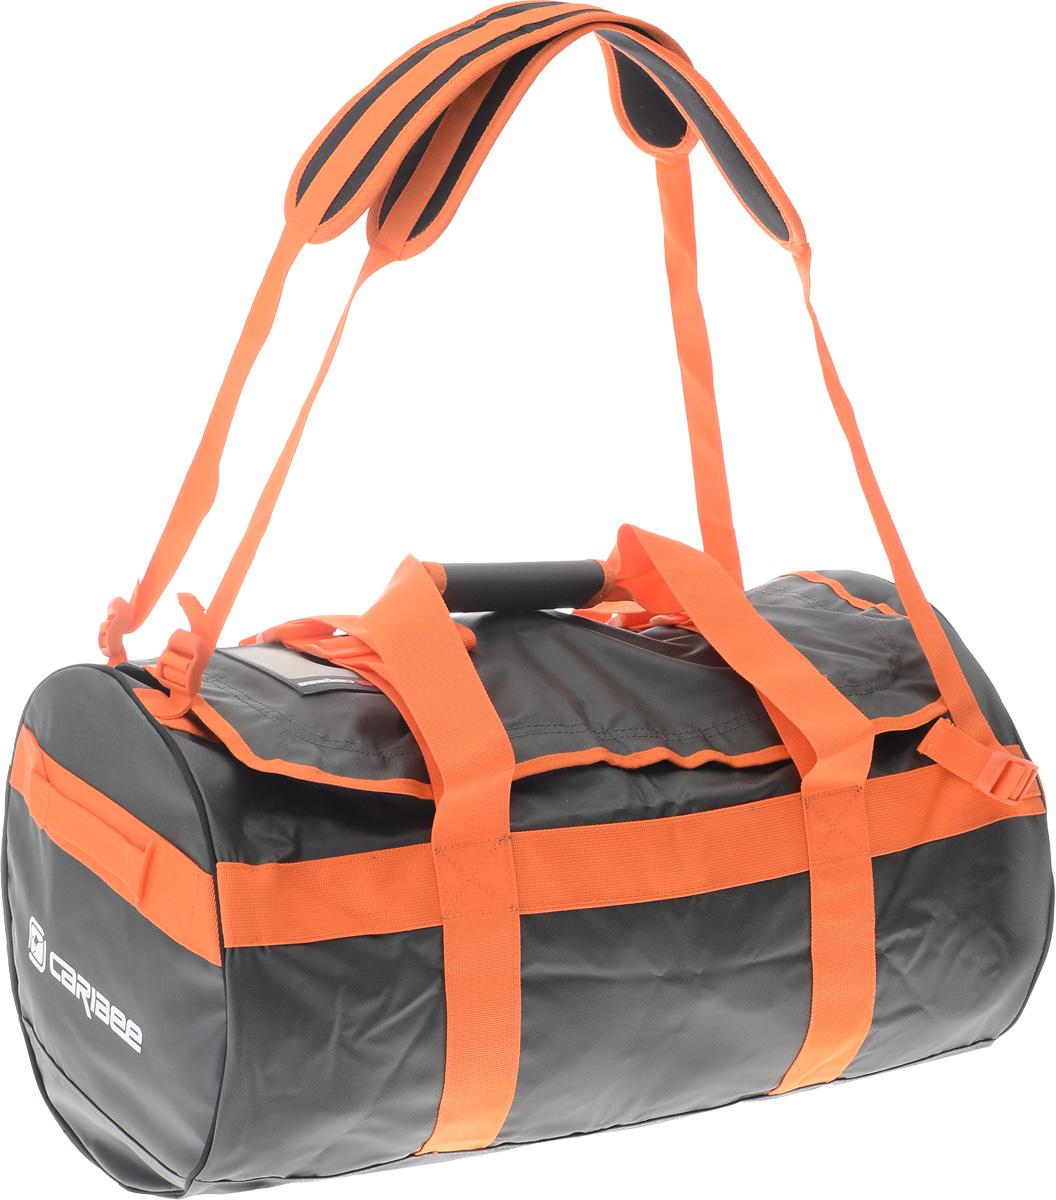 Сумка спортивная Caribee Kokoda, цвет: темно-серый, оранжевый, 65 л58062_темно-серый, оранжевыйСумка Caribee Kokoda имеет стильный дизайн, легкий вес и большую вместительность! Она выполнена из материала, устойчивого к промоканию даже в штормовую погоду. Стойкие к воде молнии. Изделие оснащено регулируемыми плечевыми ремнями, позволяющими превратить сумку в рюкзак. Вшитые по всей окружности стяжки служат для дополнительной прочности. Сумка была разработана с учетом привлекательного вида, практичной функциональности и прочной конструкции. Будьте уверены, что вы доберетесь до места назначения и ваш багаж будет в полной сохранности! Собираясь в поход с такой сумкой, вы можете позволить себе взять все необходимые вещи. Объем: 65 л.